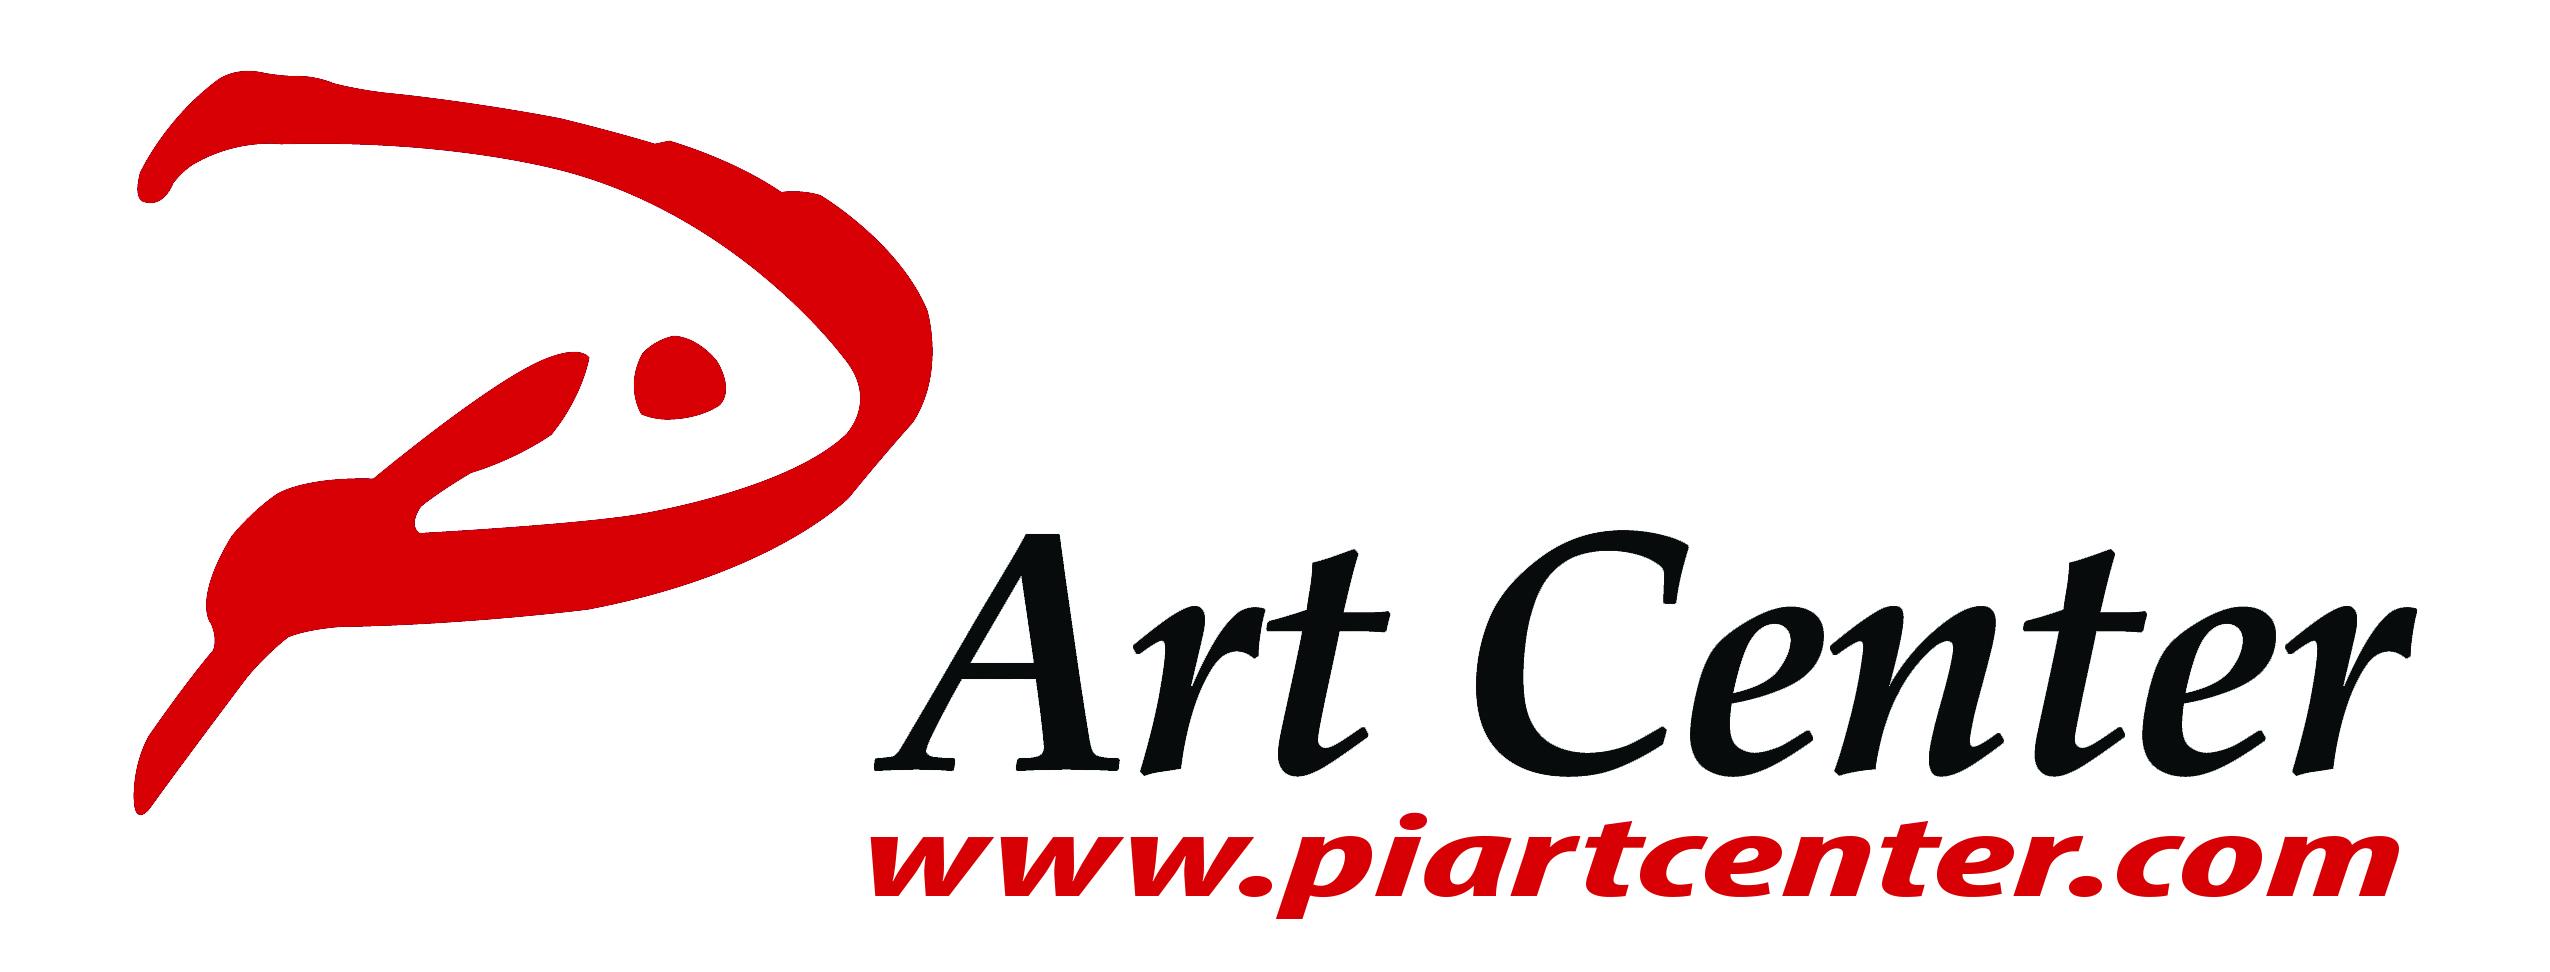 PI Art Center 직원 채용